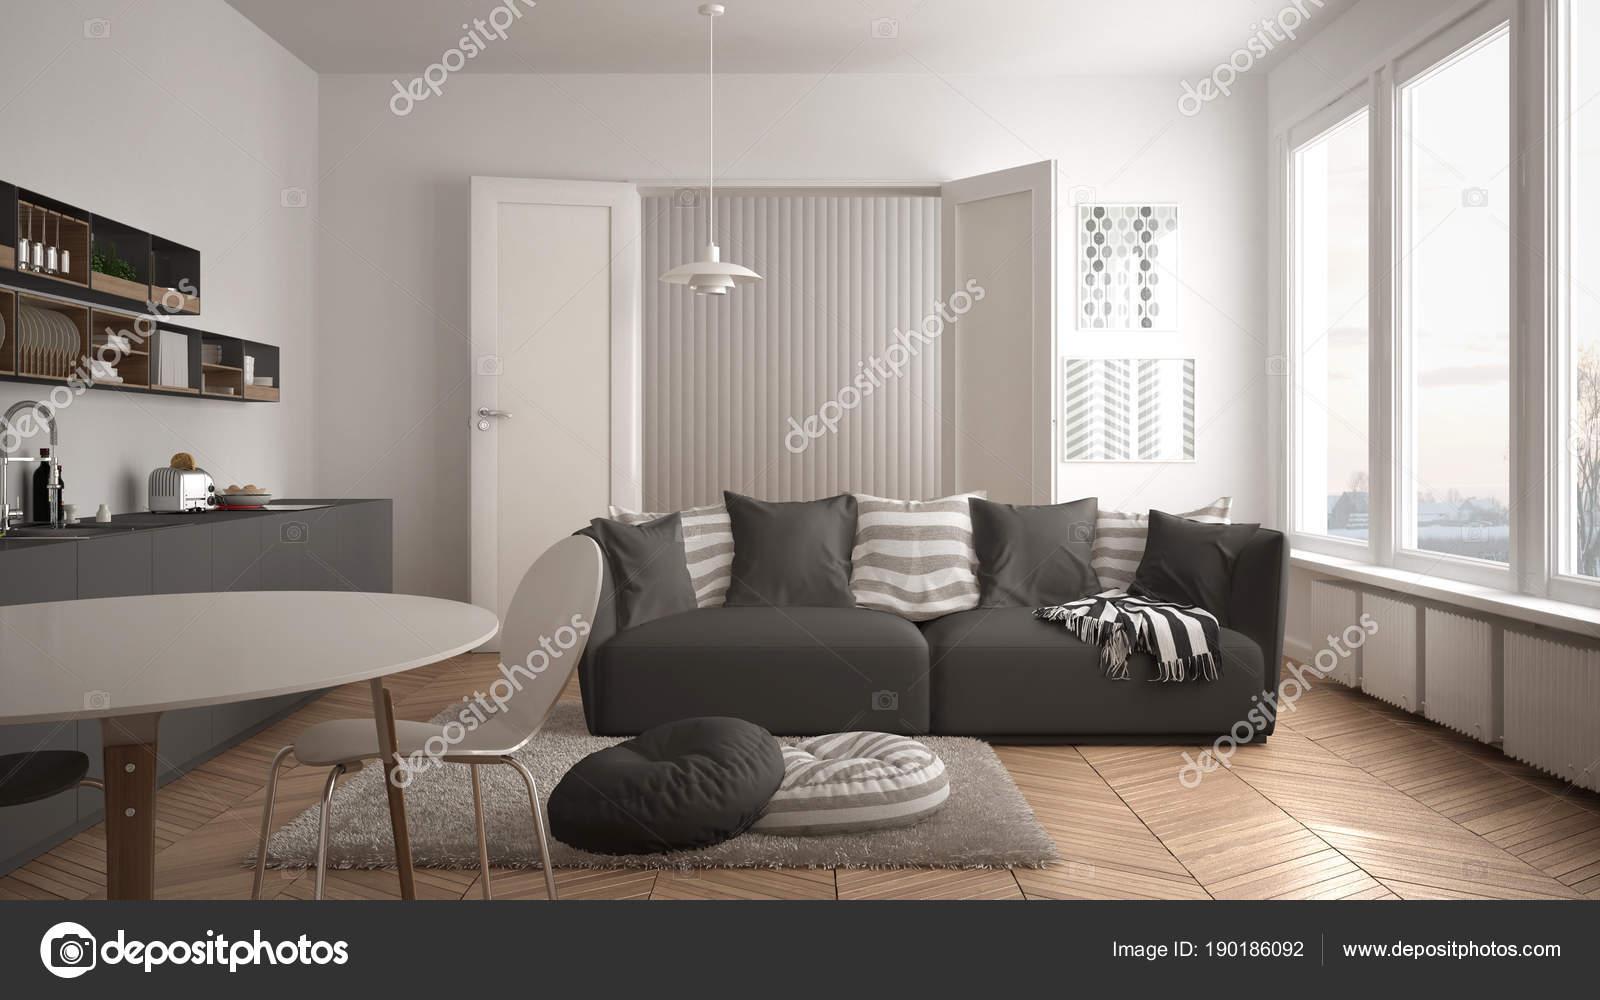 Salotto Moderno Bianco E Grigio : Scandinavo moderno salotto con cucina tavolo da pranzo divano e